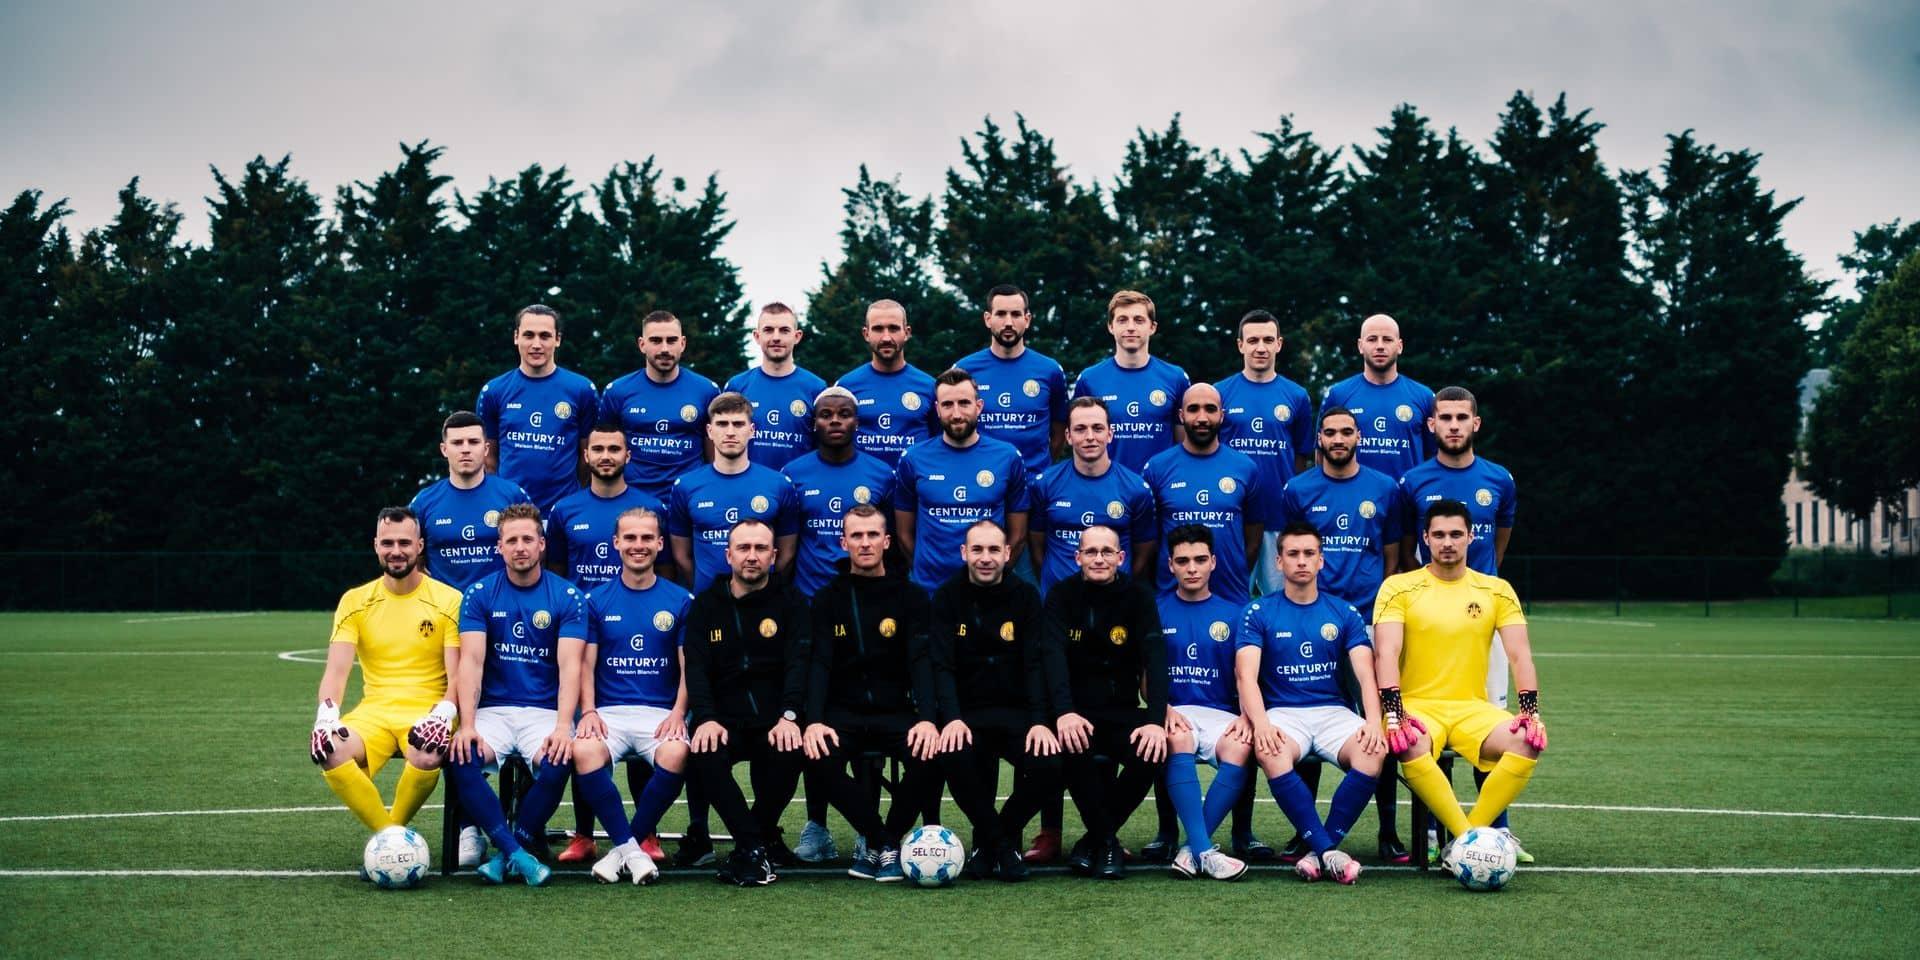 """Le FC Genappe est ambitieux: """"Emmener Genappe à l'échelon national et s'y installer"""""""